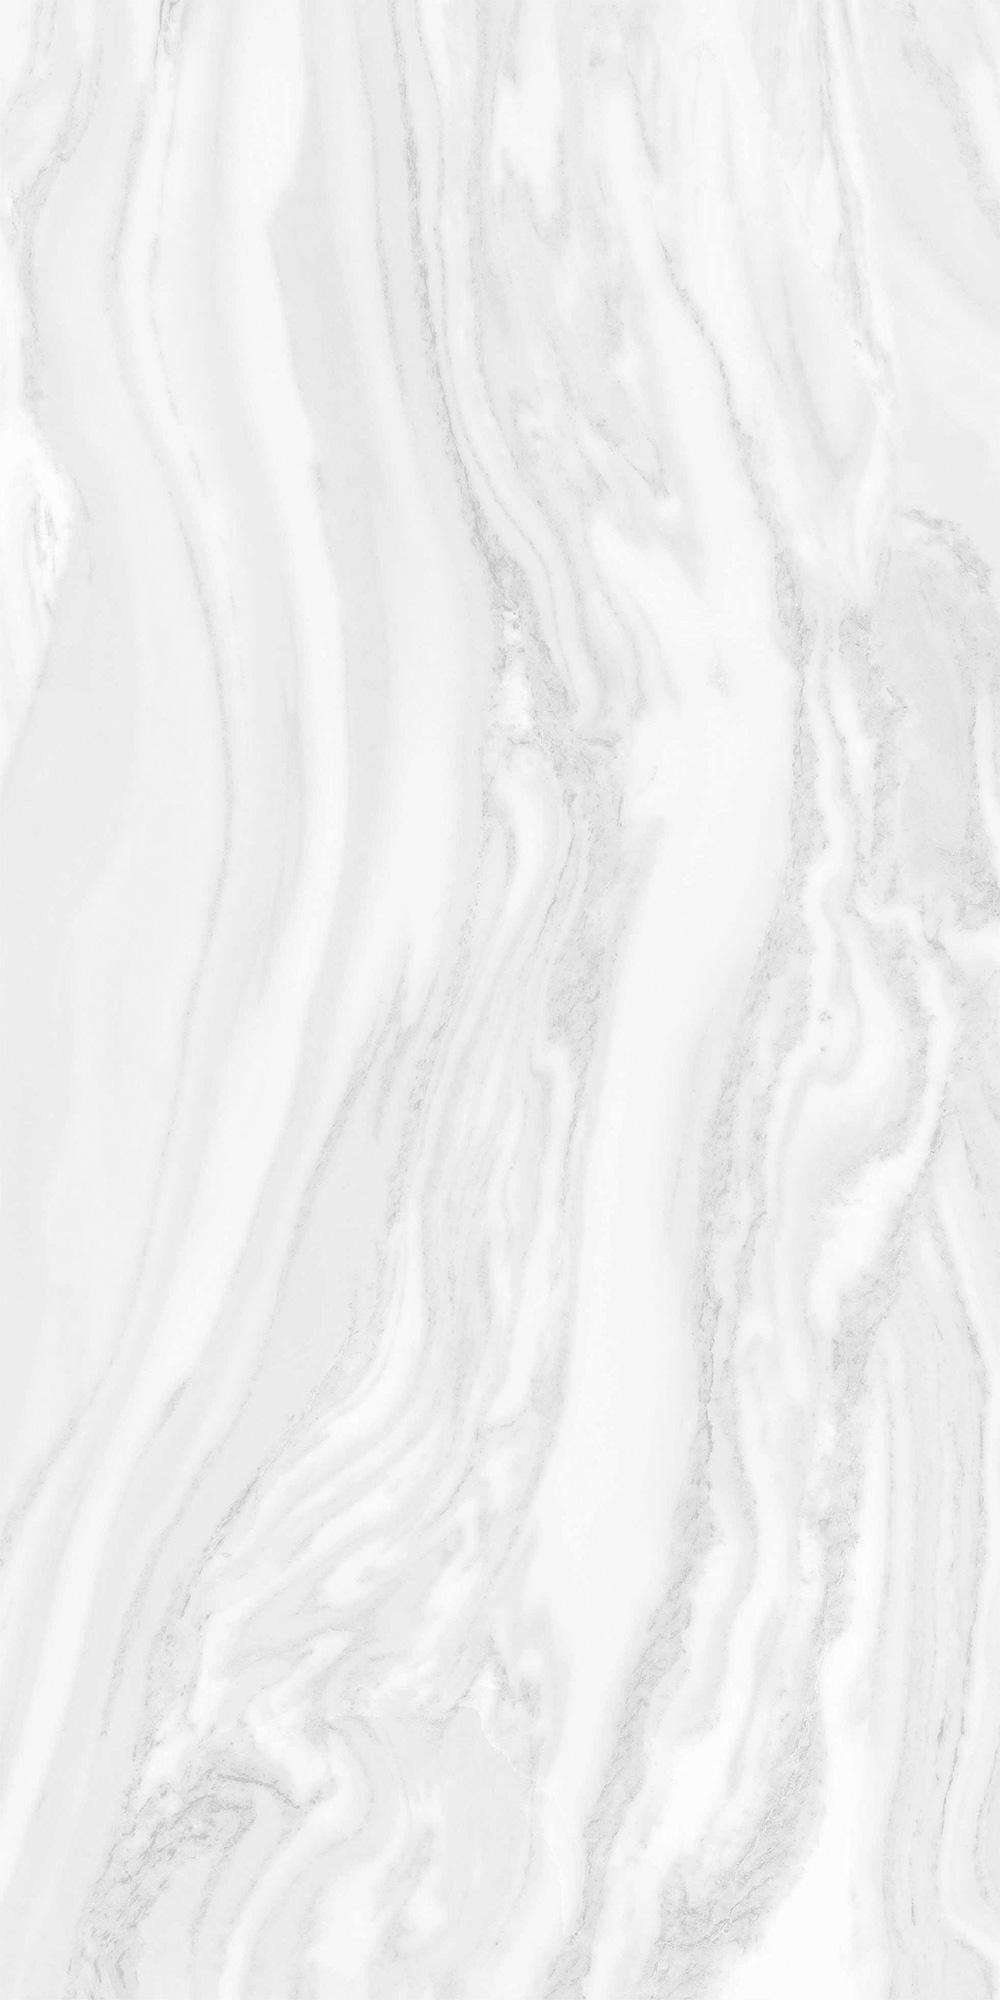 澳门新萄京手机版网址-水云纱HFBG80001,800x800;HFBG26001,600x1200